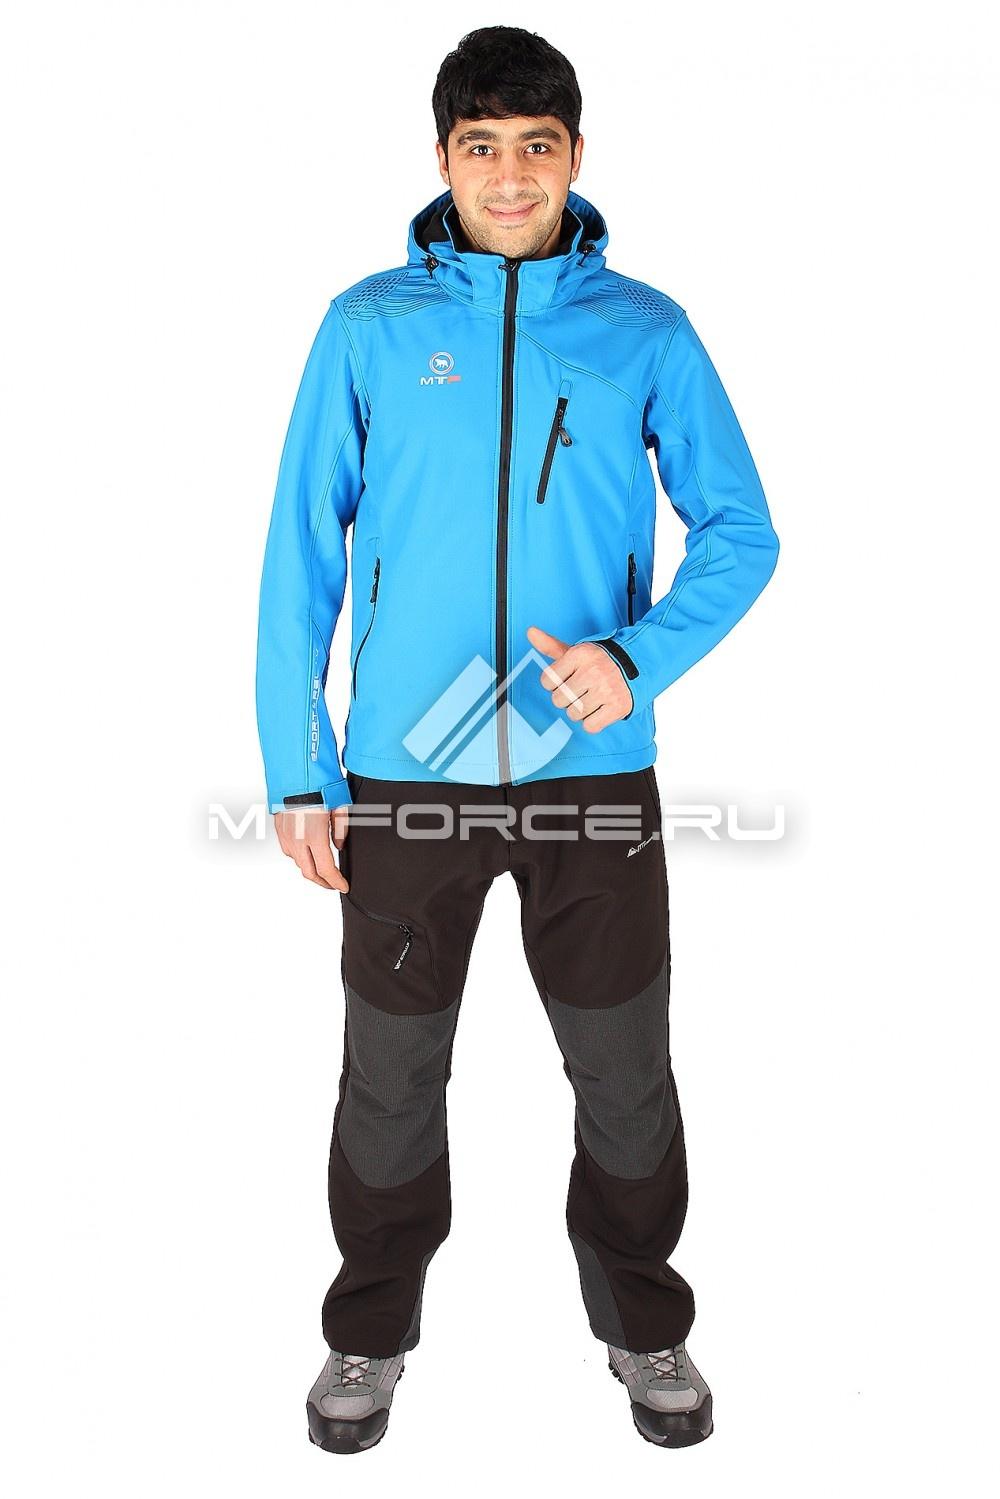 Купить                                  оптом Костюм виндстопер мужской синего цвета  01523S в Санкт-Петербурге